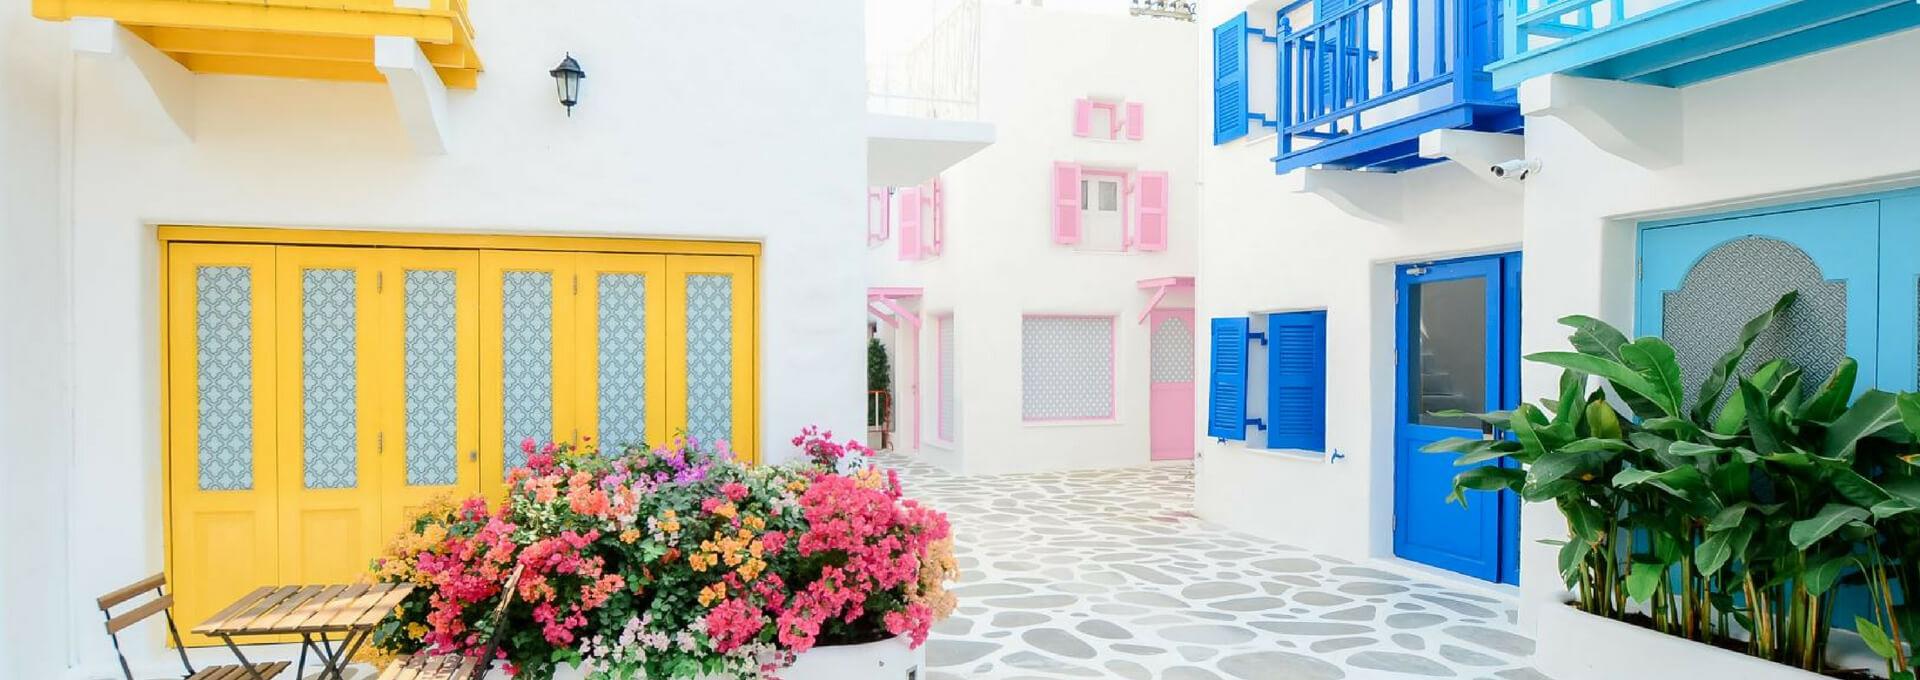 domy nieruchomości domki kolorowe